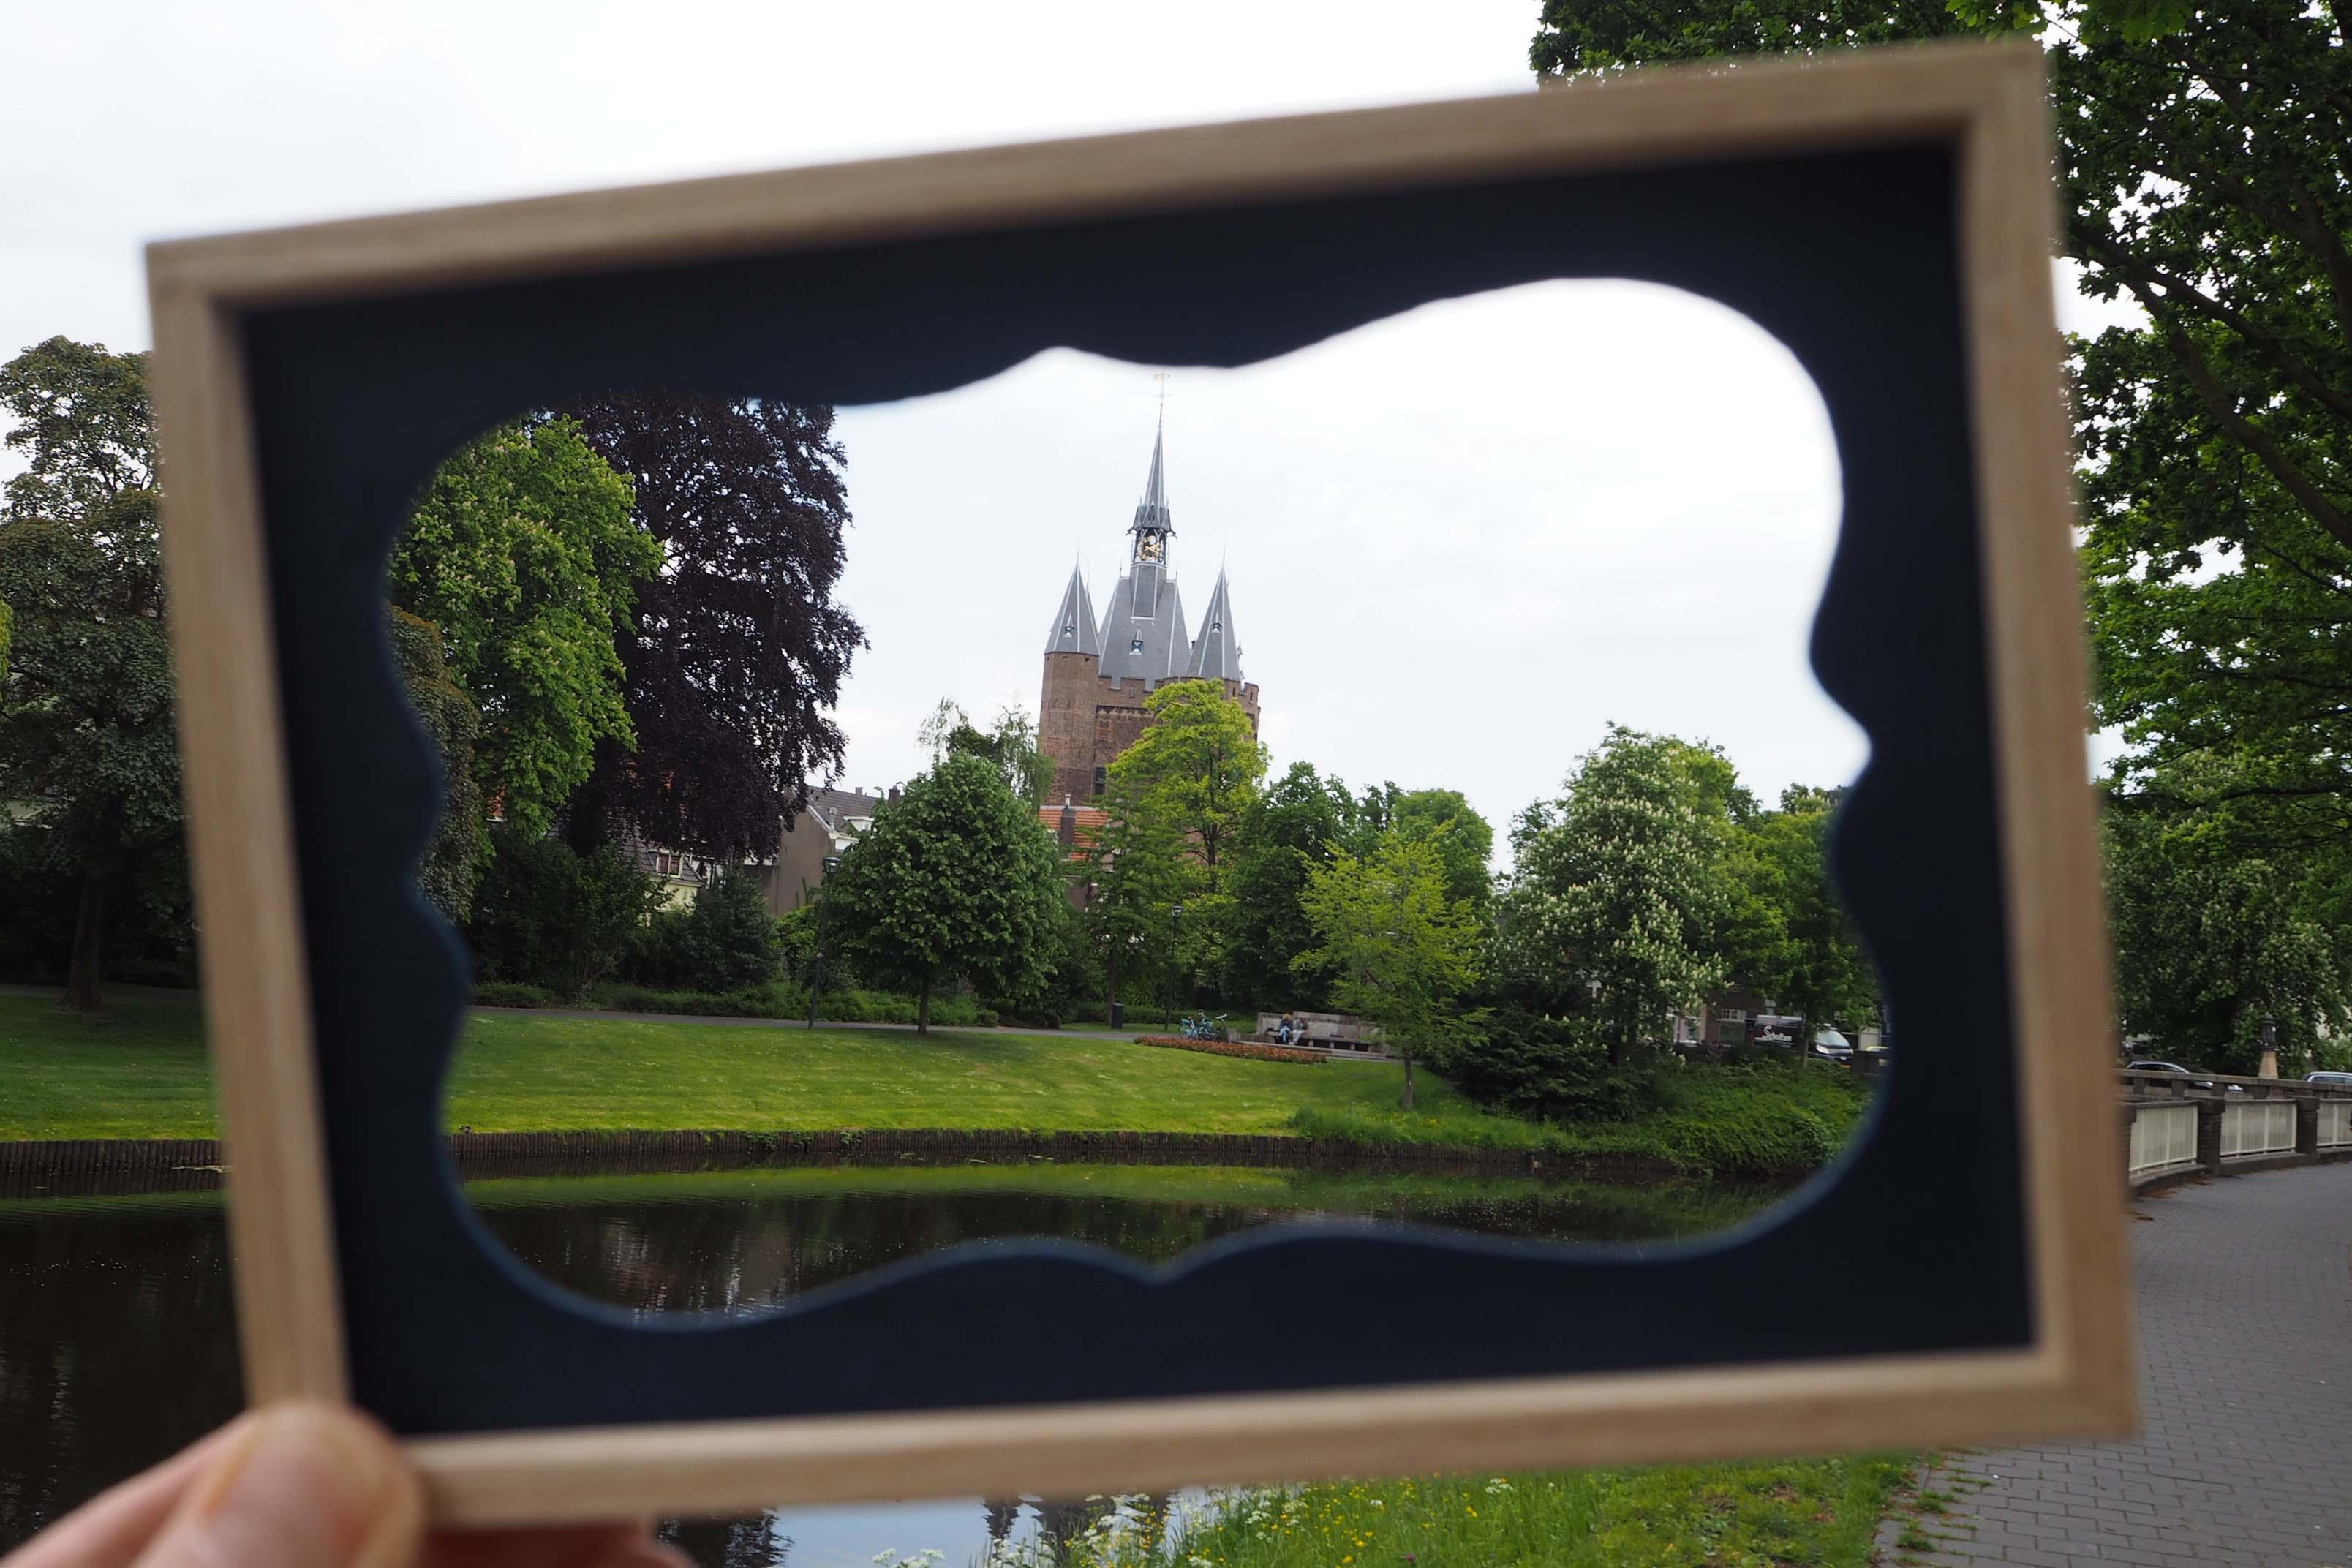 Hanzestad Zwolle heeft de Middeleeuwse stadspoort, de Sassenpoort, als een icoon